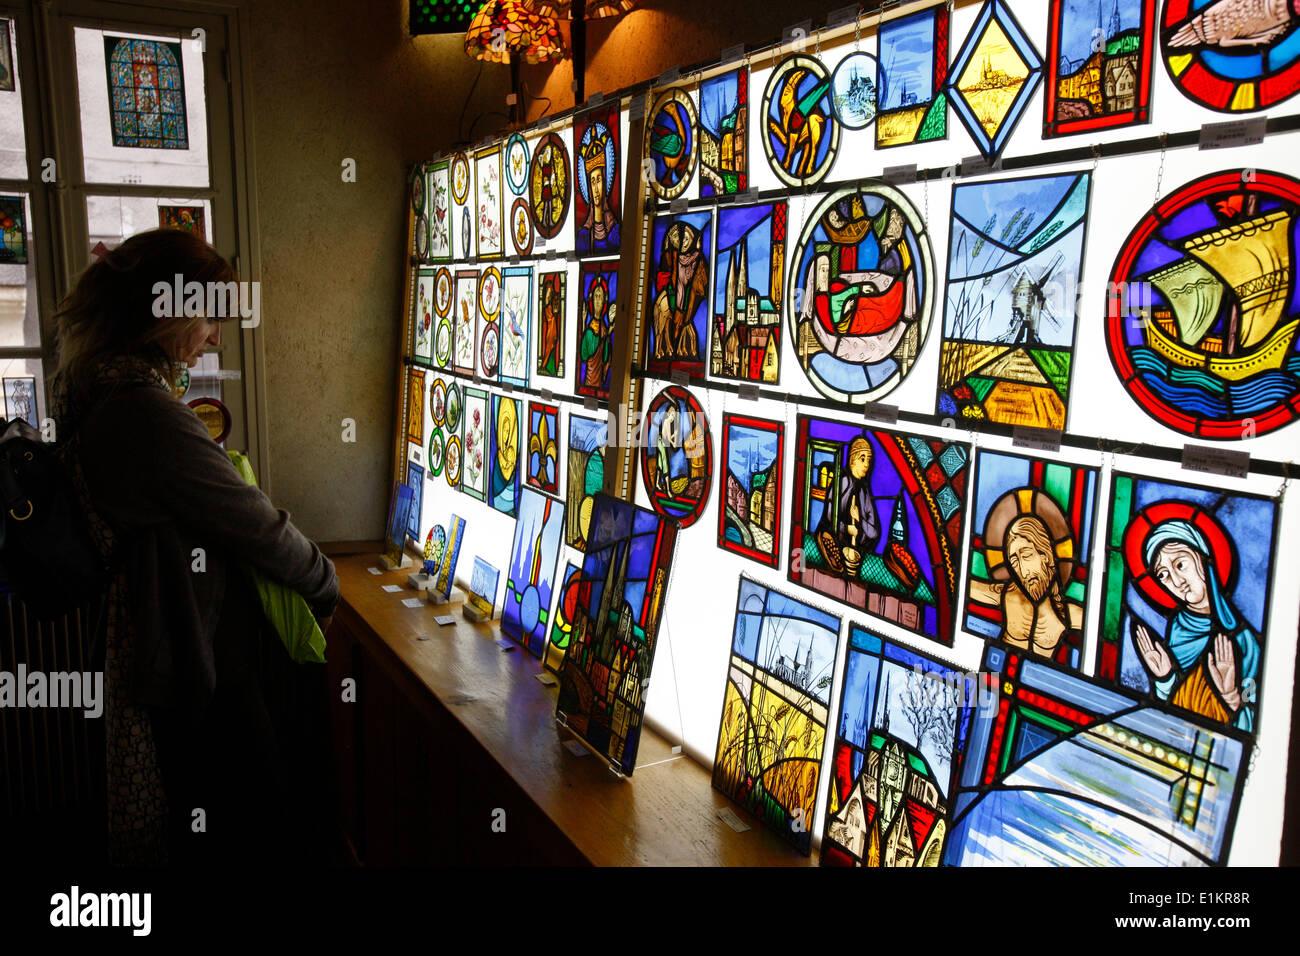 Tienda religiosa. Imagen De Stock